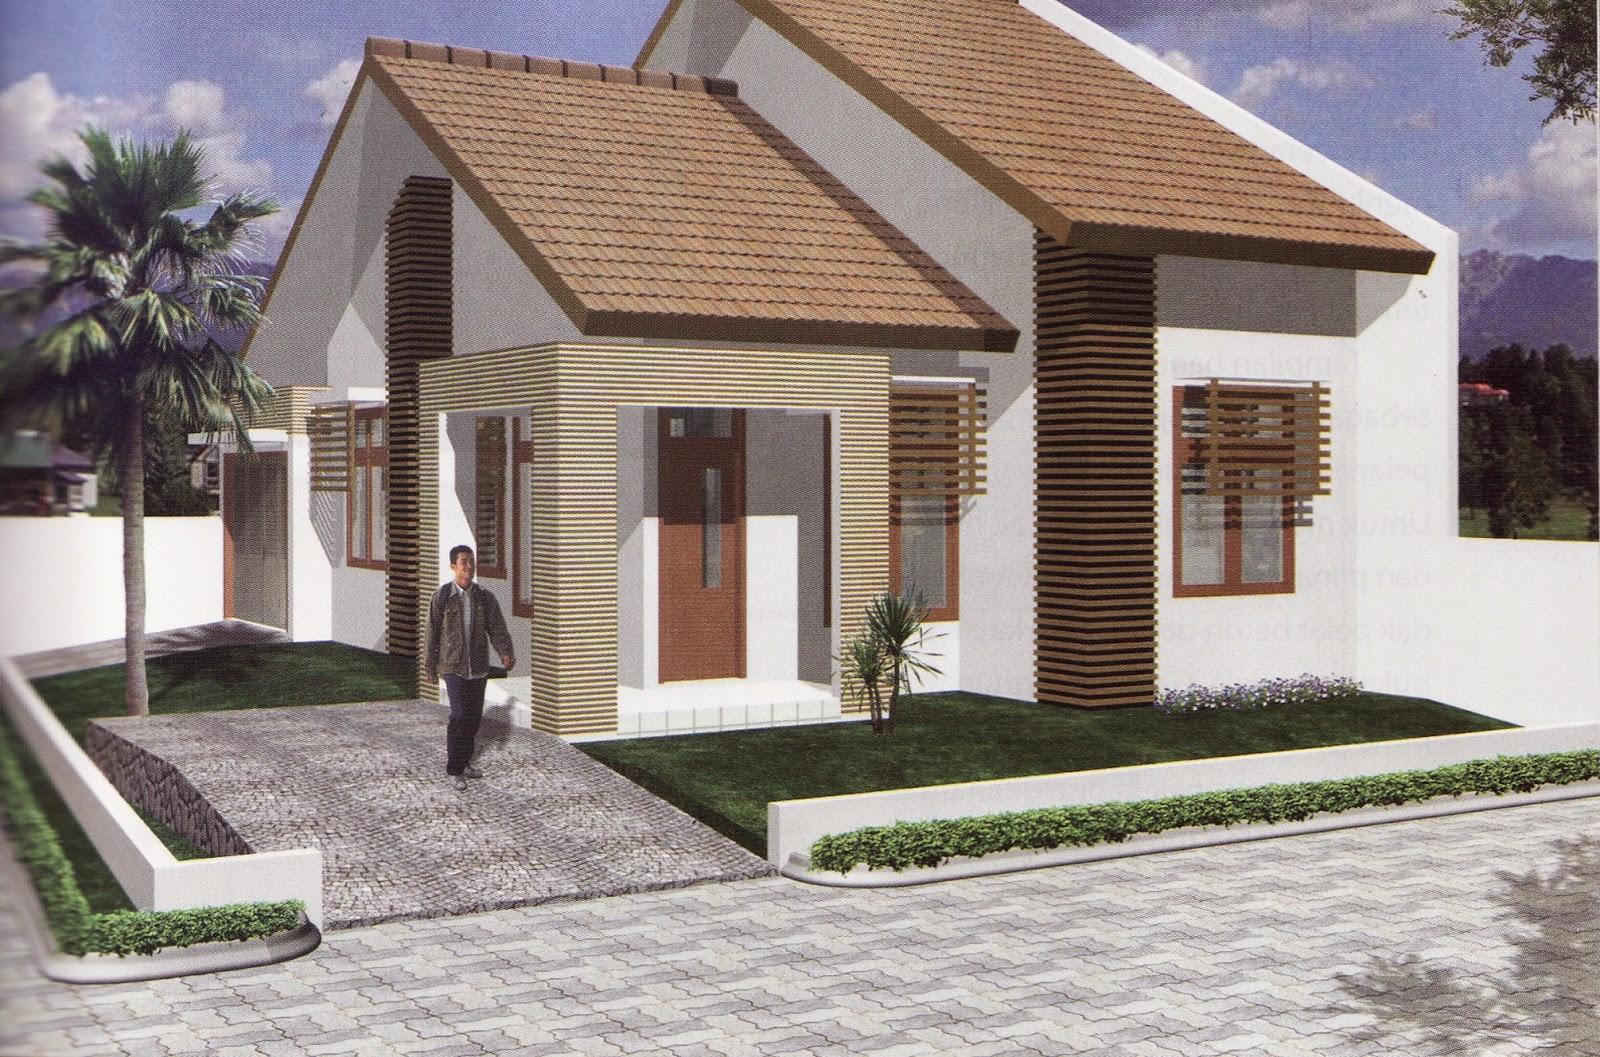 Contohdesainrumah Kontrakan Desain Rumah Sederhana